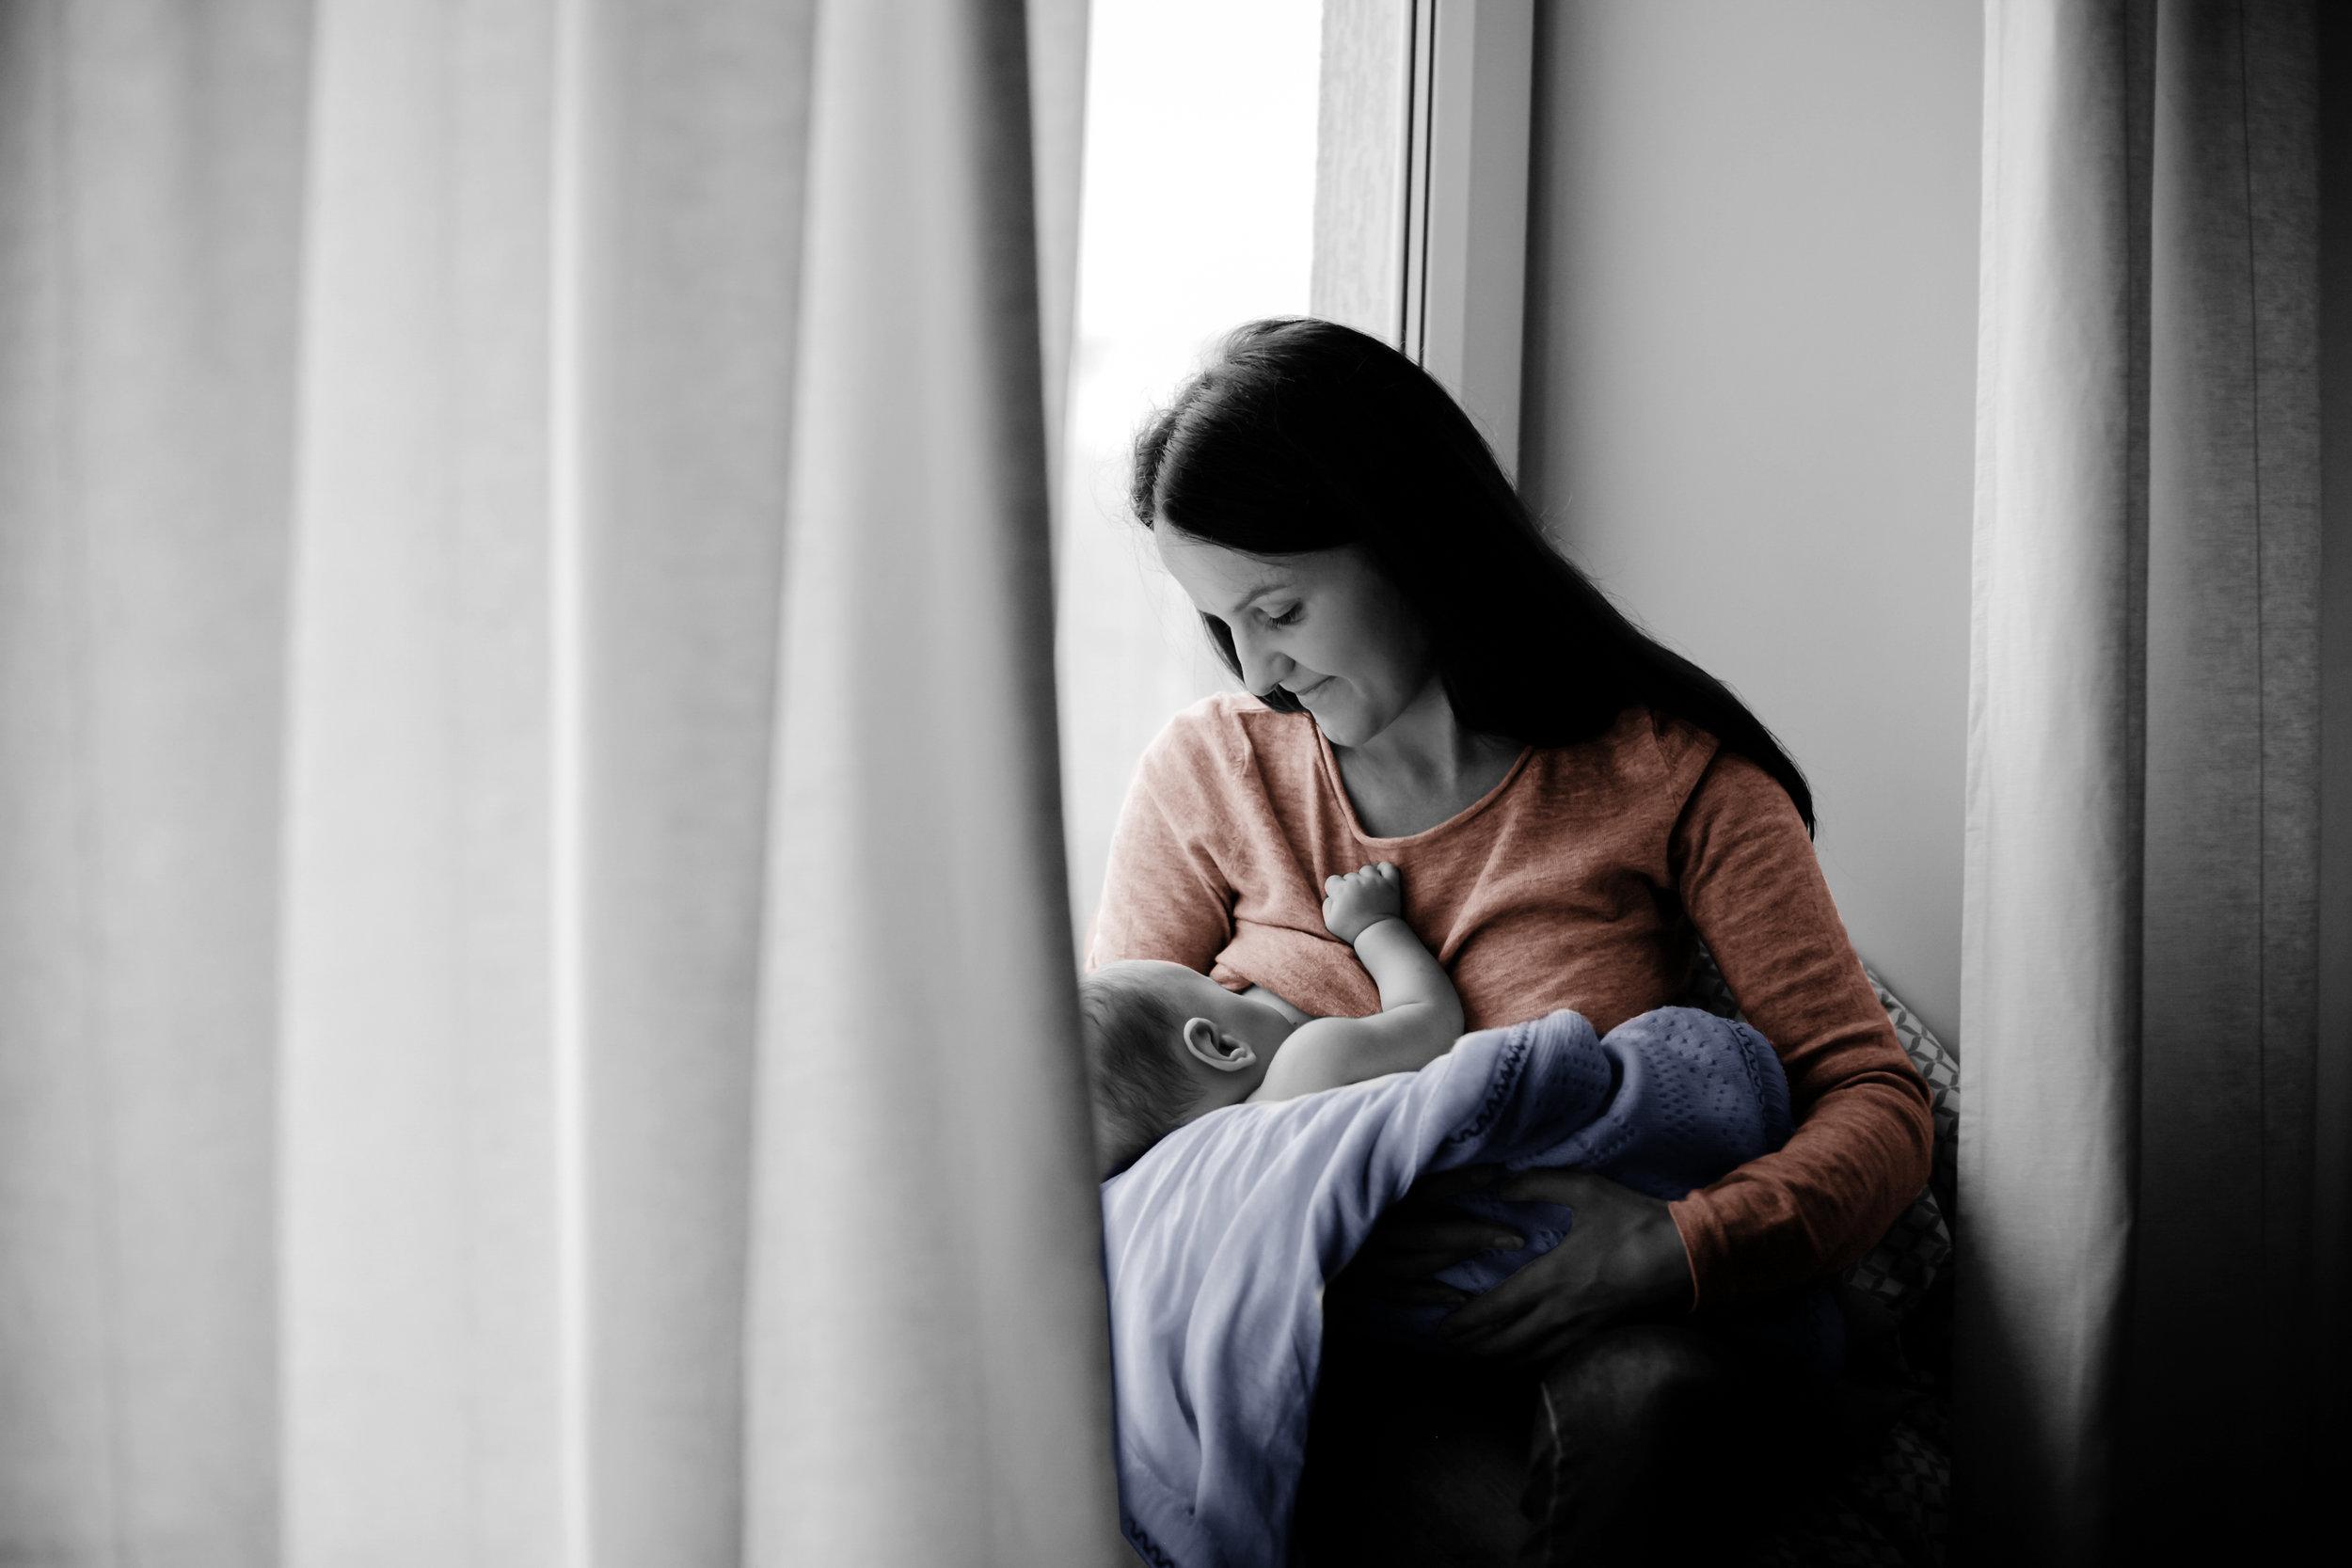 La leche materna es esencial en los primeros 6 meses de vida del bebé.Todos debemos procurar que esto se cumpla. -